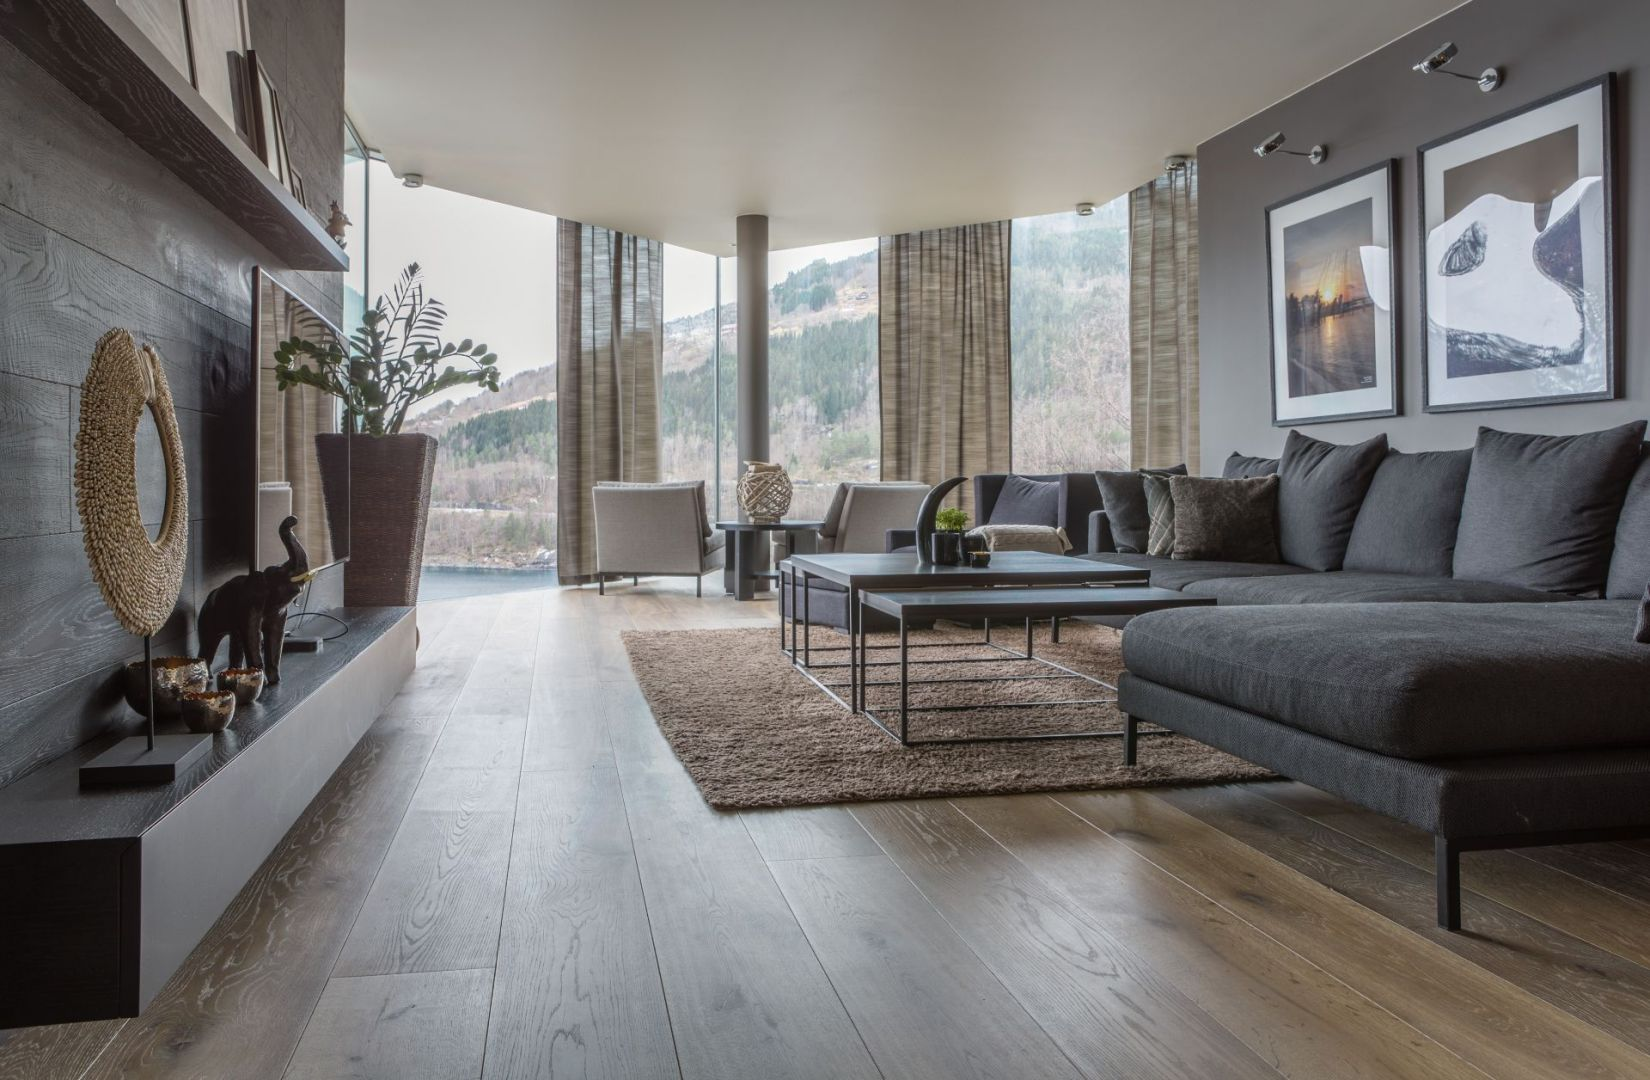 Stylizowane drewno jest chętniej montowane w przestrzeniach, które są nowoczesne. Wówczas uzyskujemy klimat i styl, a także przytulność. Fot. mat. prasowe Chapel Parket